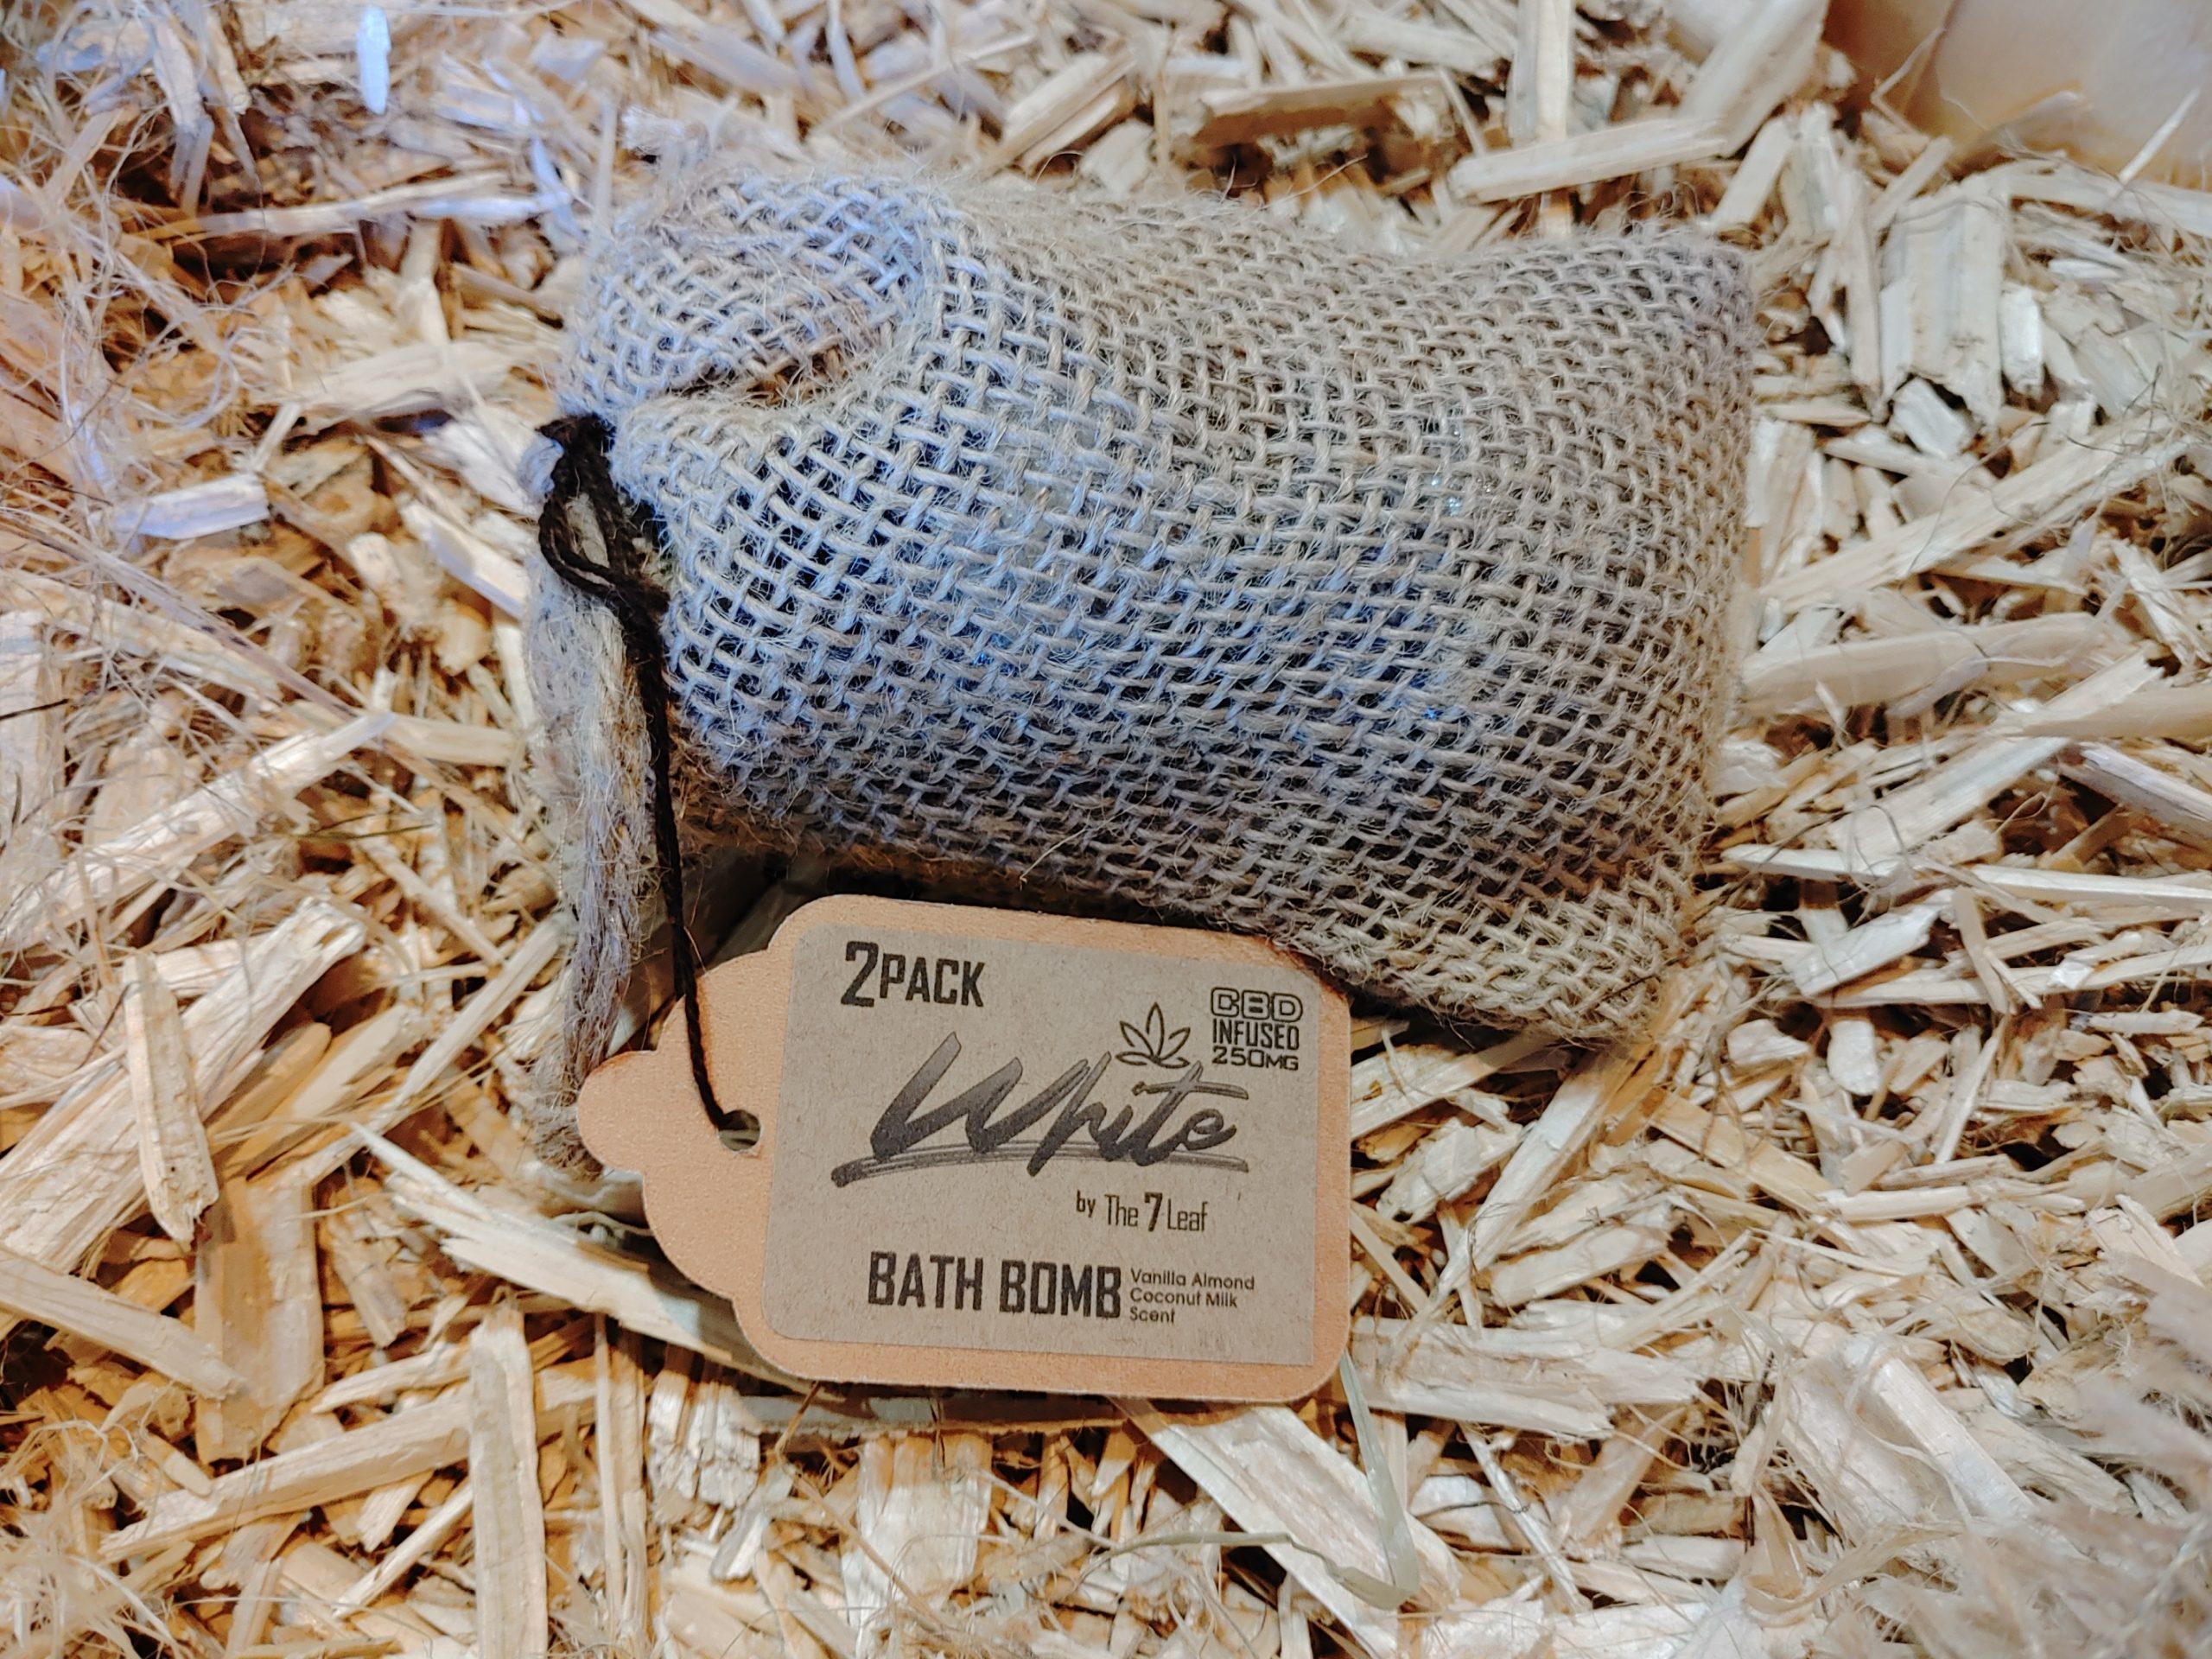 White Bath Bomb